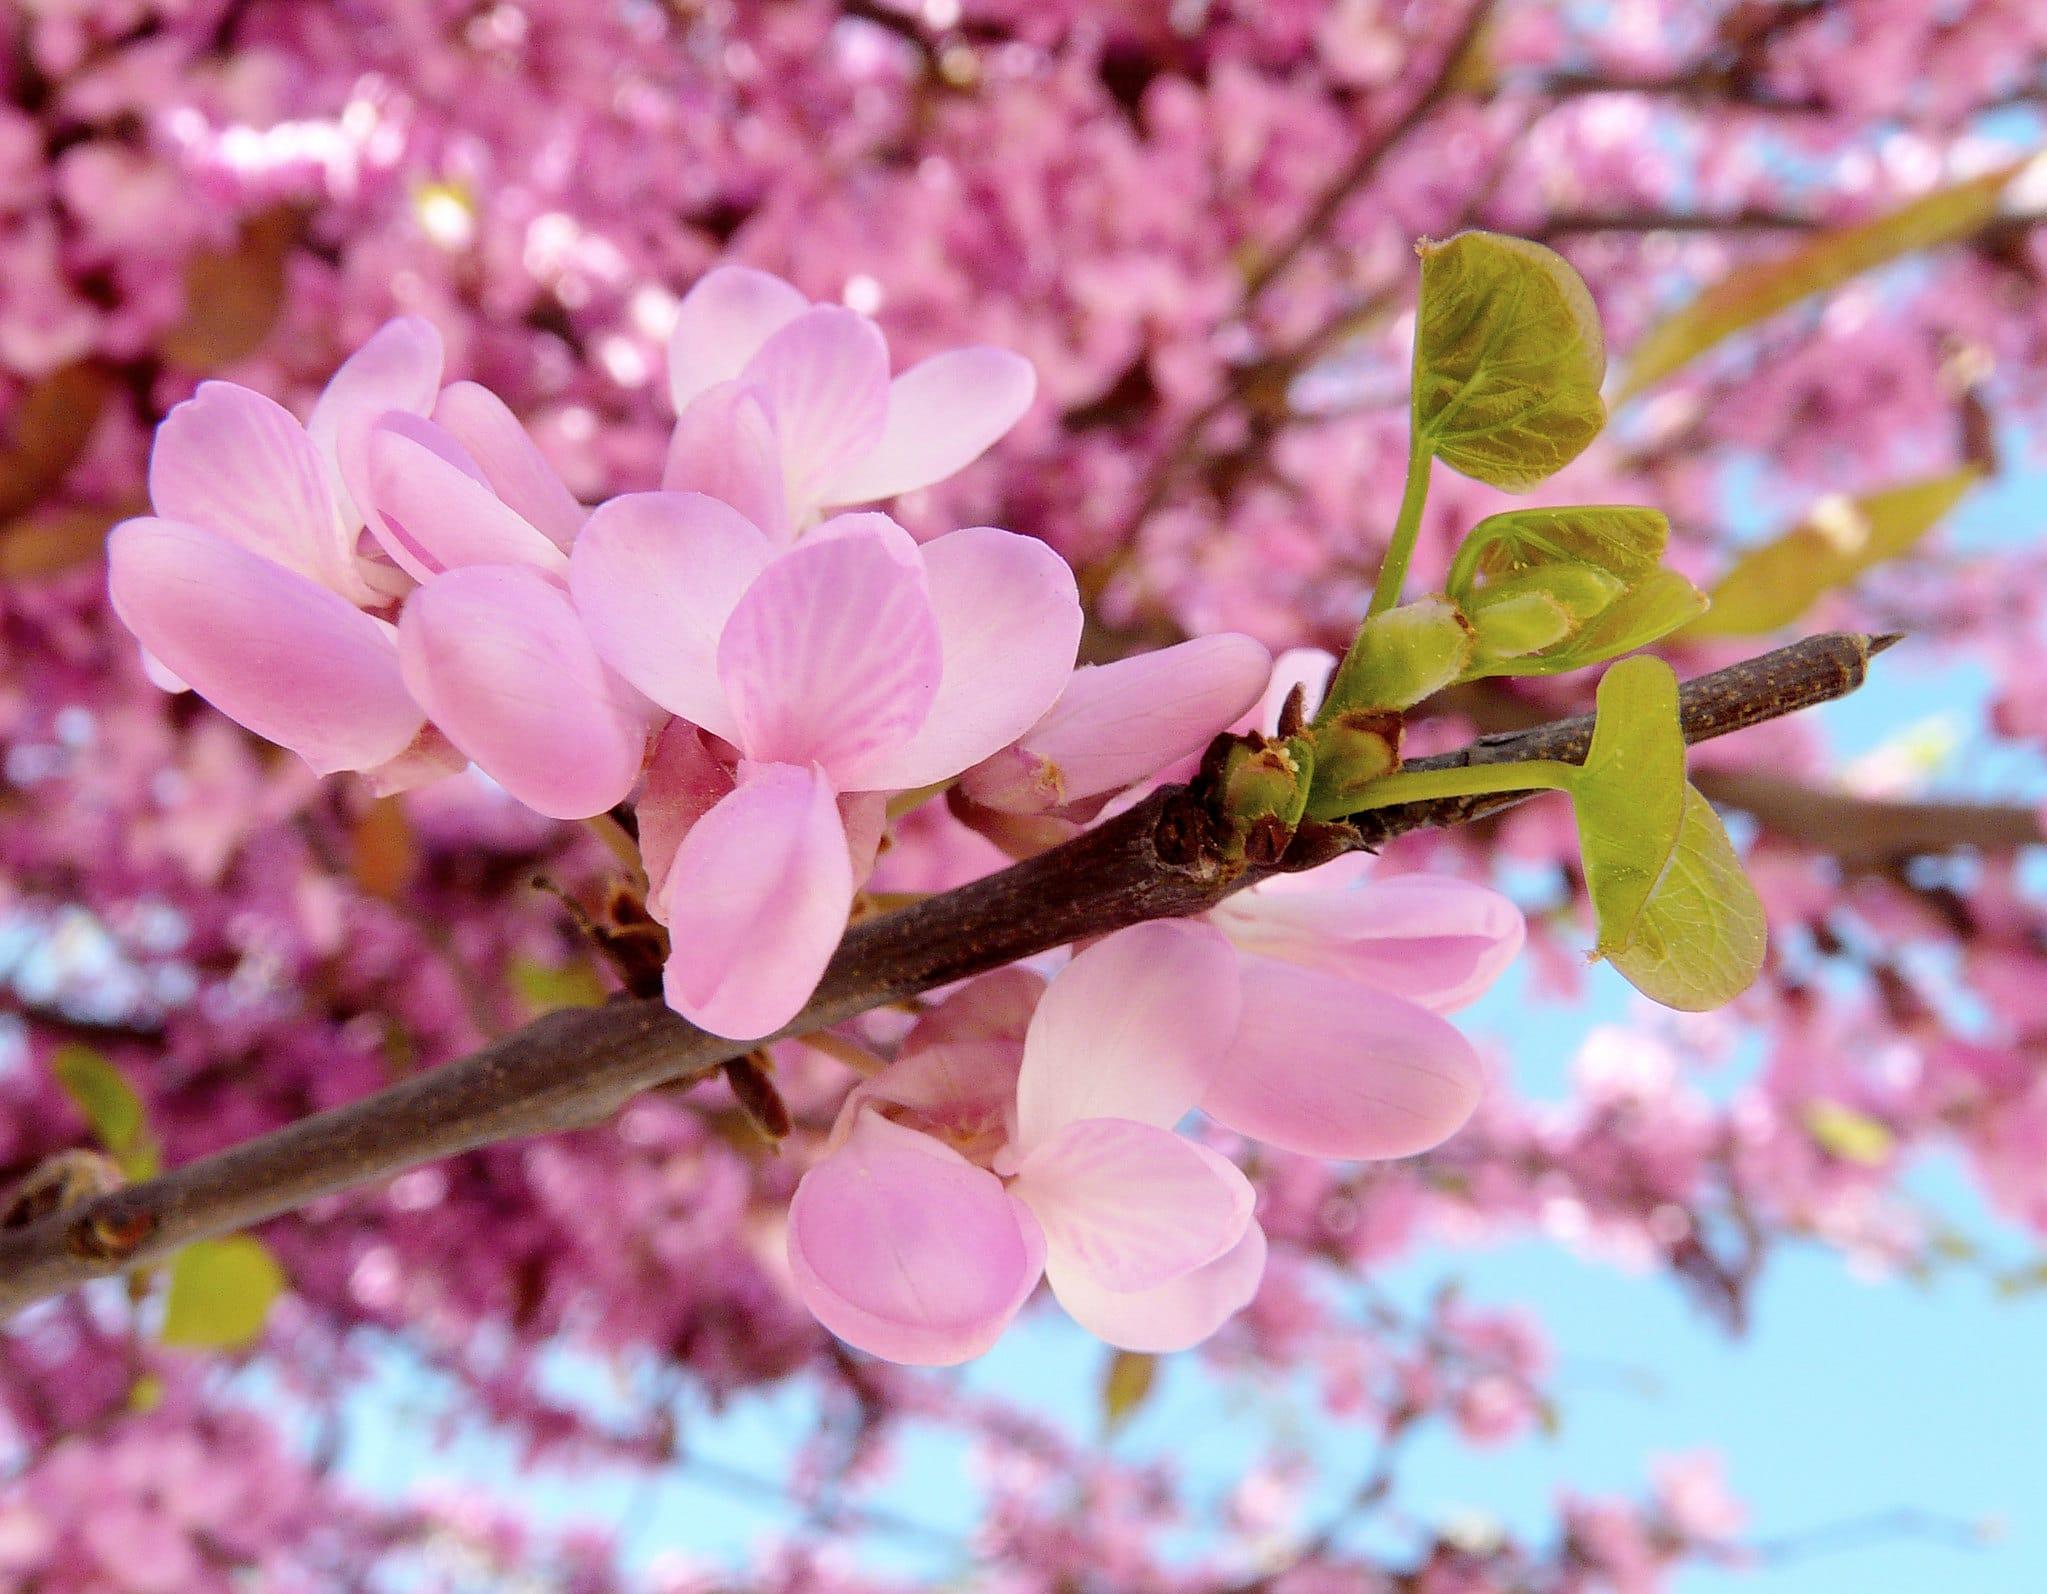 Vista de las flores del árbol del amor